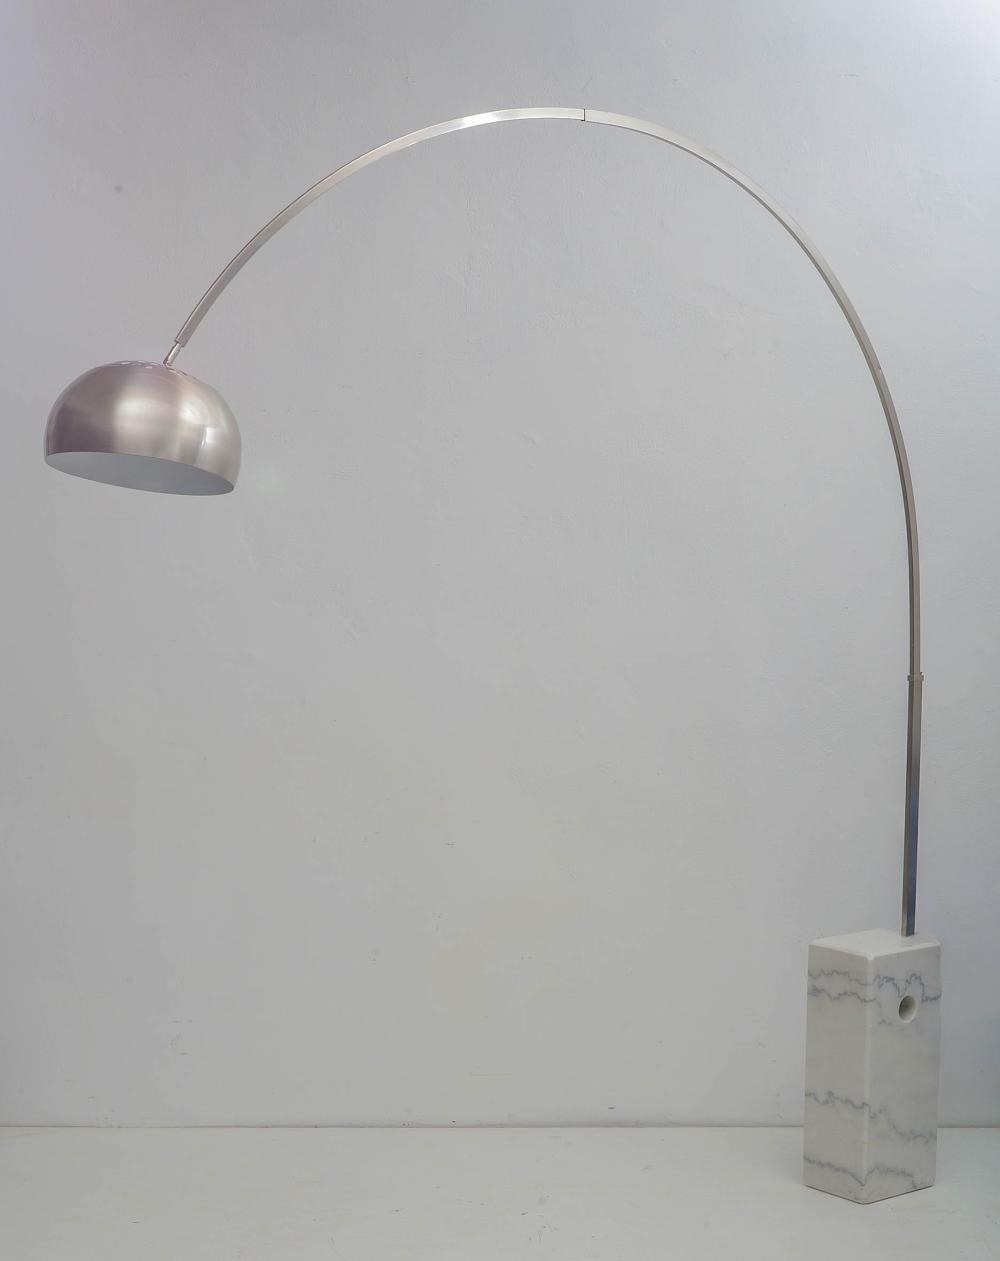 Design XXème siècle CASTIGLIONI Achille (1918 - 2002), CASTIGLIONI Pier Giacomo (1913 - 1968)